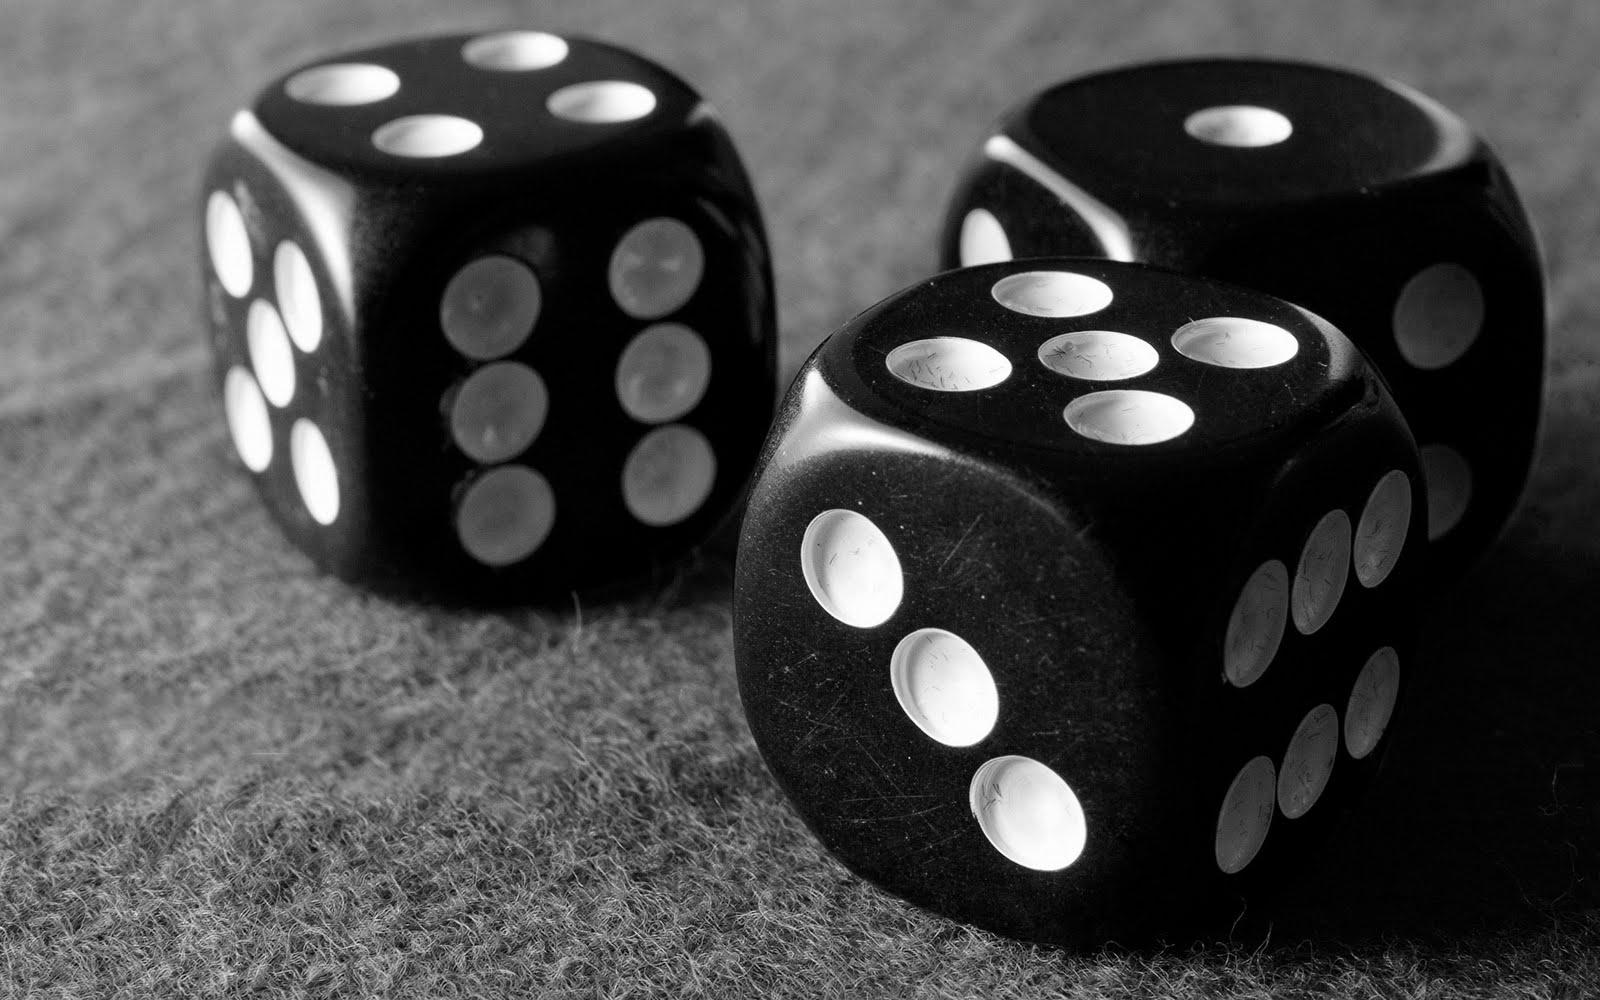 http://1.bp.blogspot.com/-GFPI5heLzL8/TcX3dChnSKI/AAAAAAAABII/fmHASBOwTds/s1600/dice_4.jpg